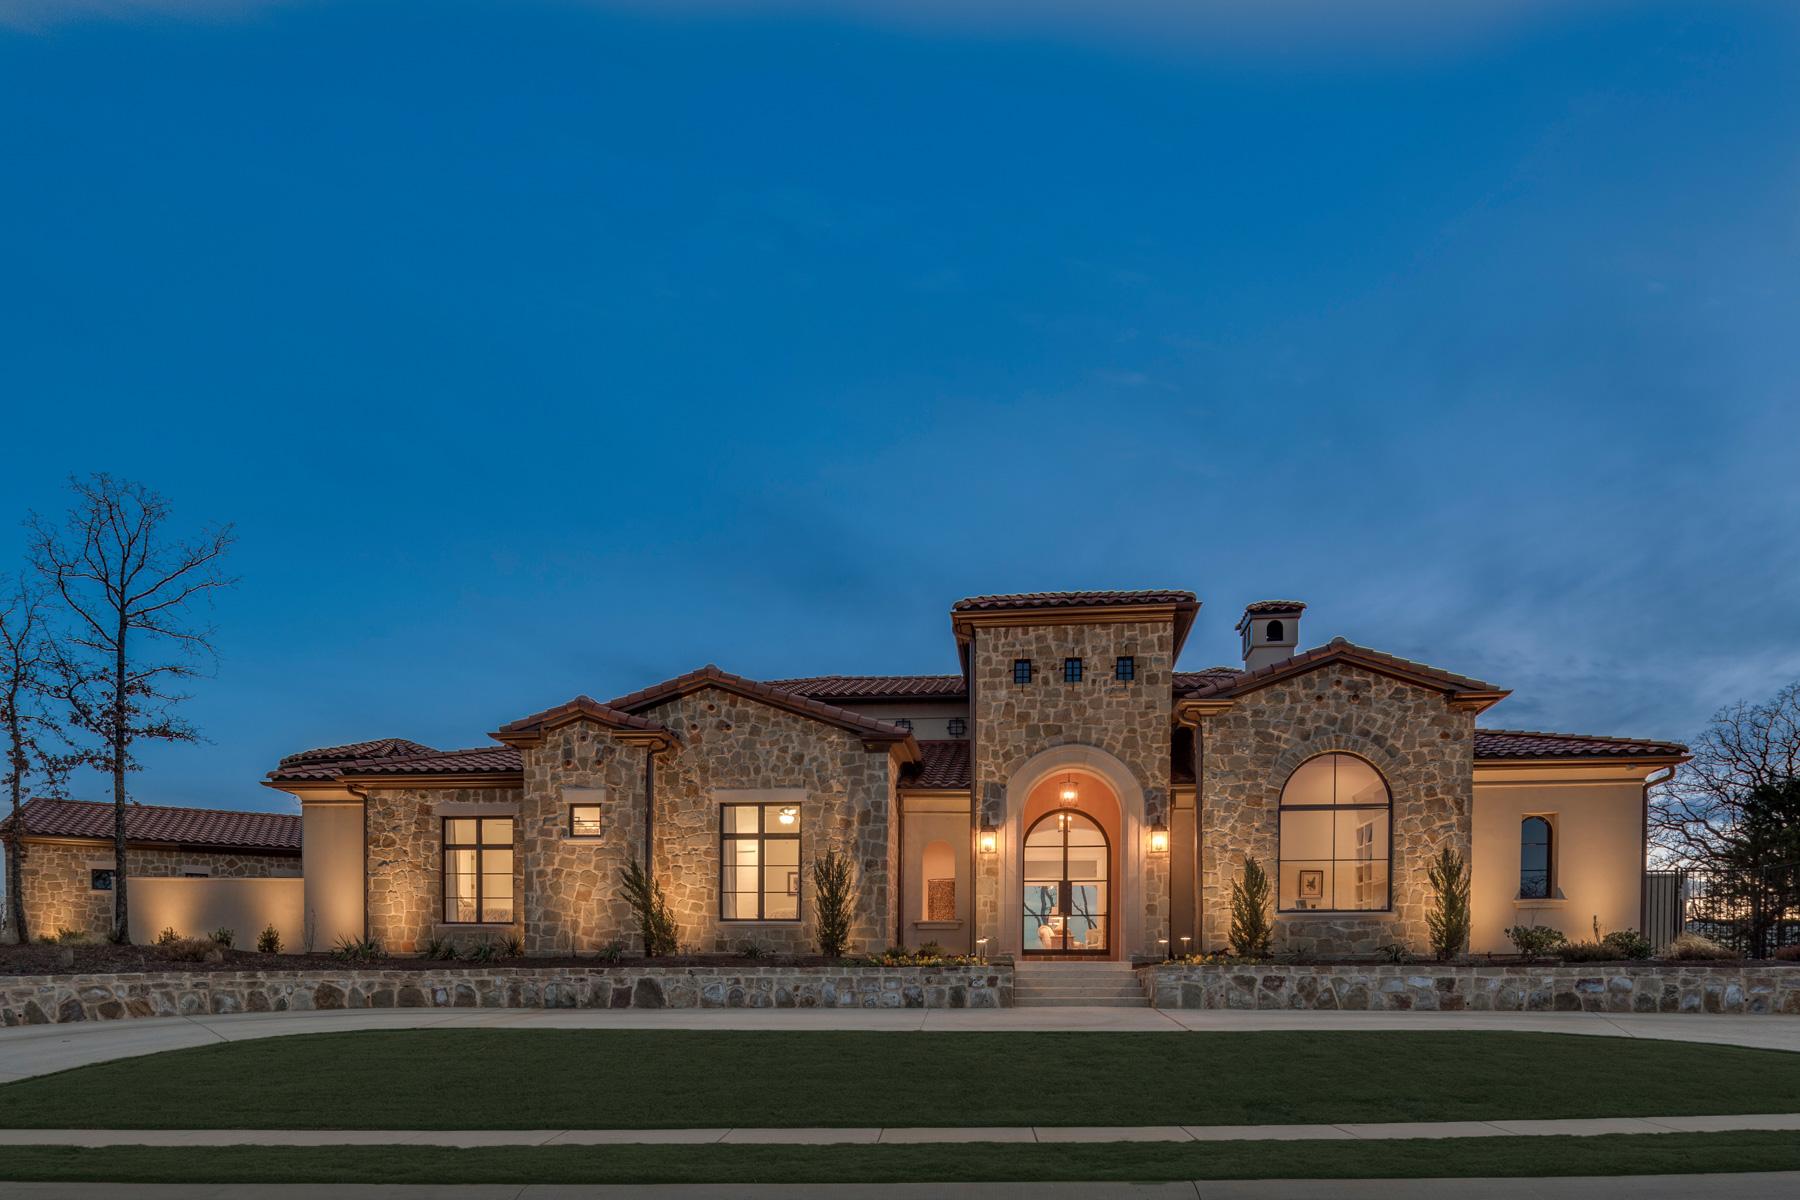 一戸建て のために 売買 アット One Story Custom Home in the Granada Community 2029 Valencia Cv Westlake, テキサス, 76262 アメリカ合衆国